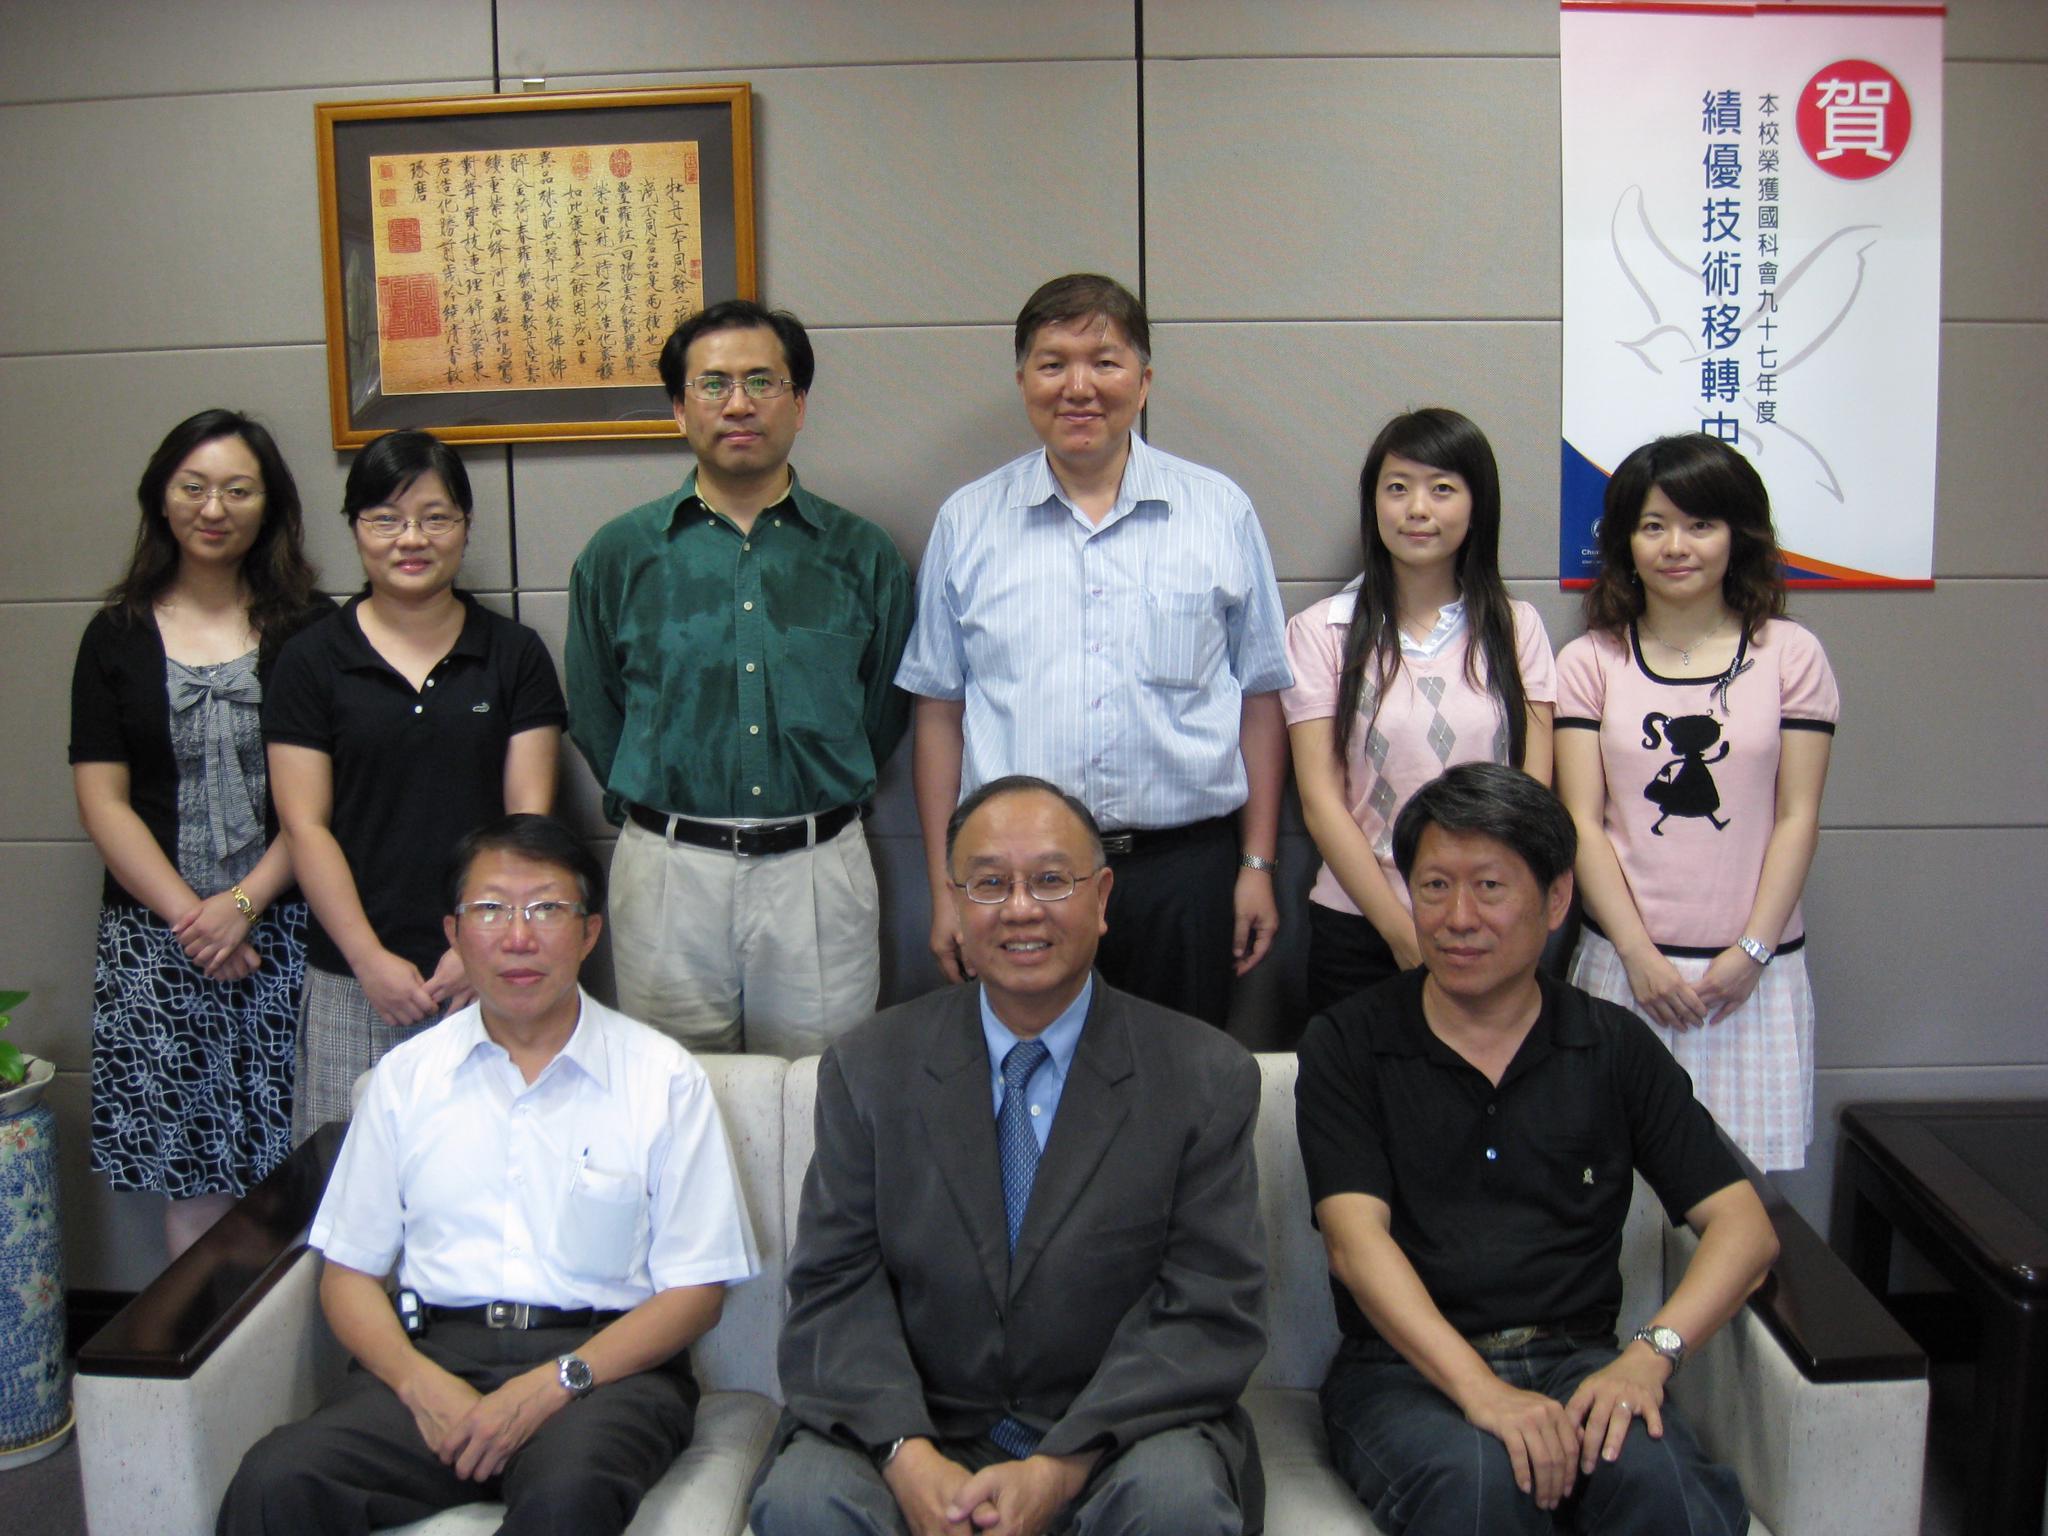 中原大學榮獲國科會97年度績優技術移轉中心